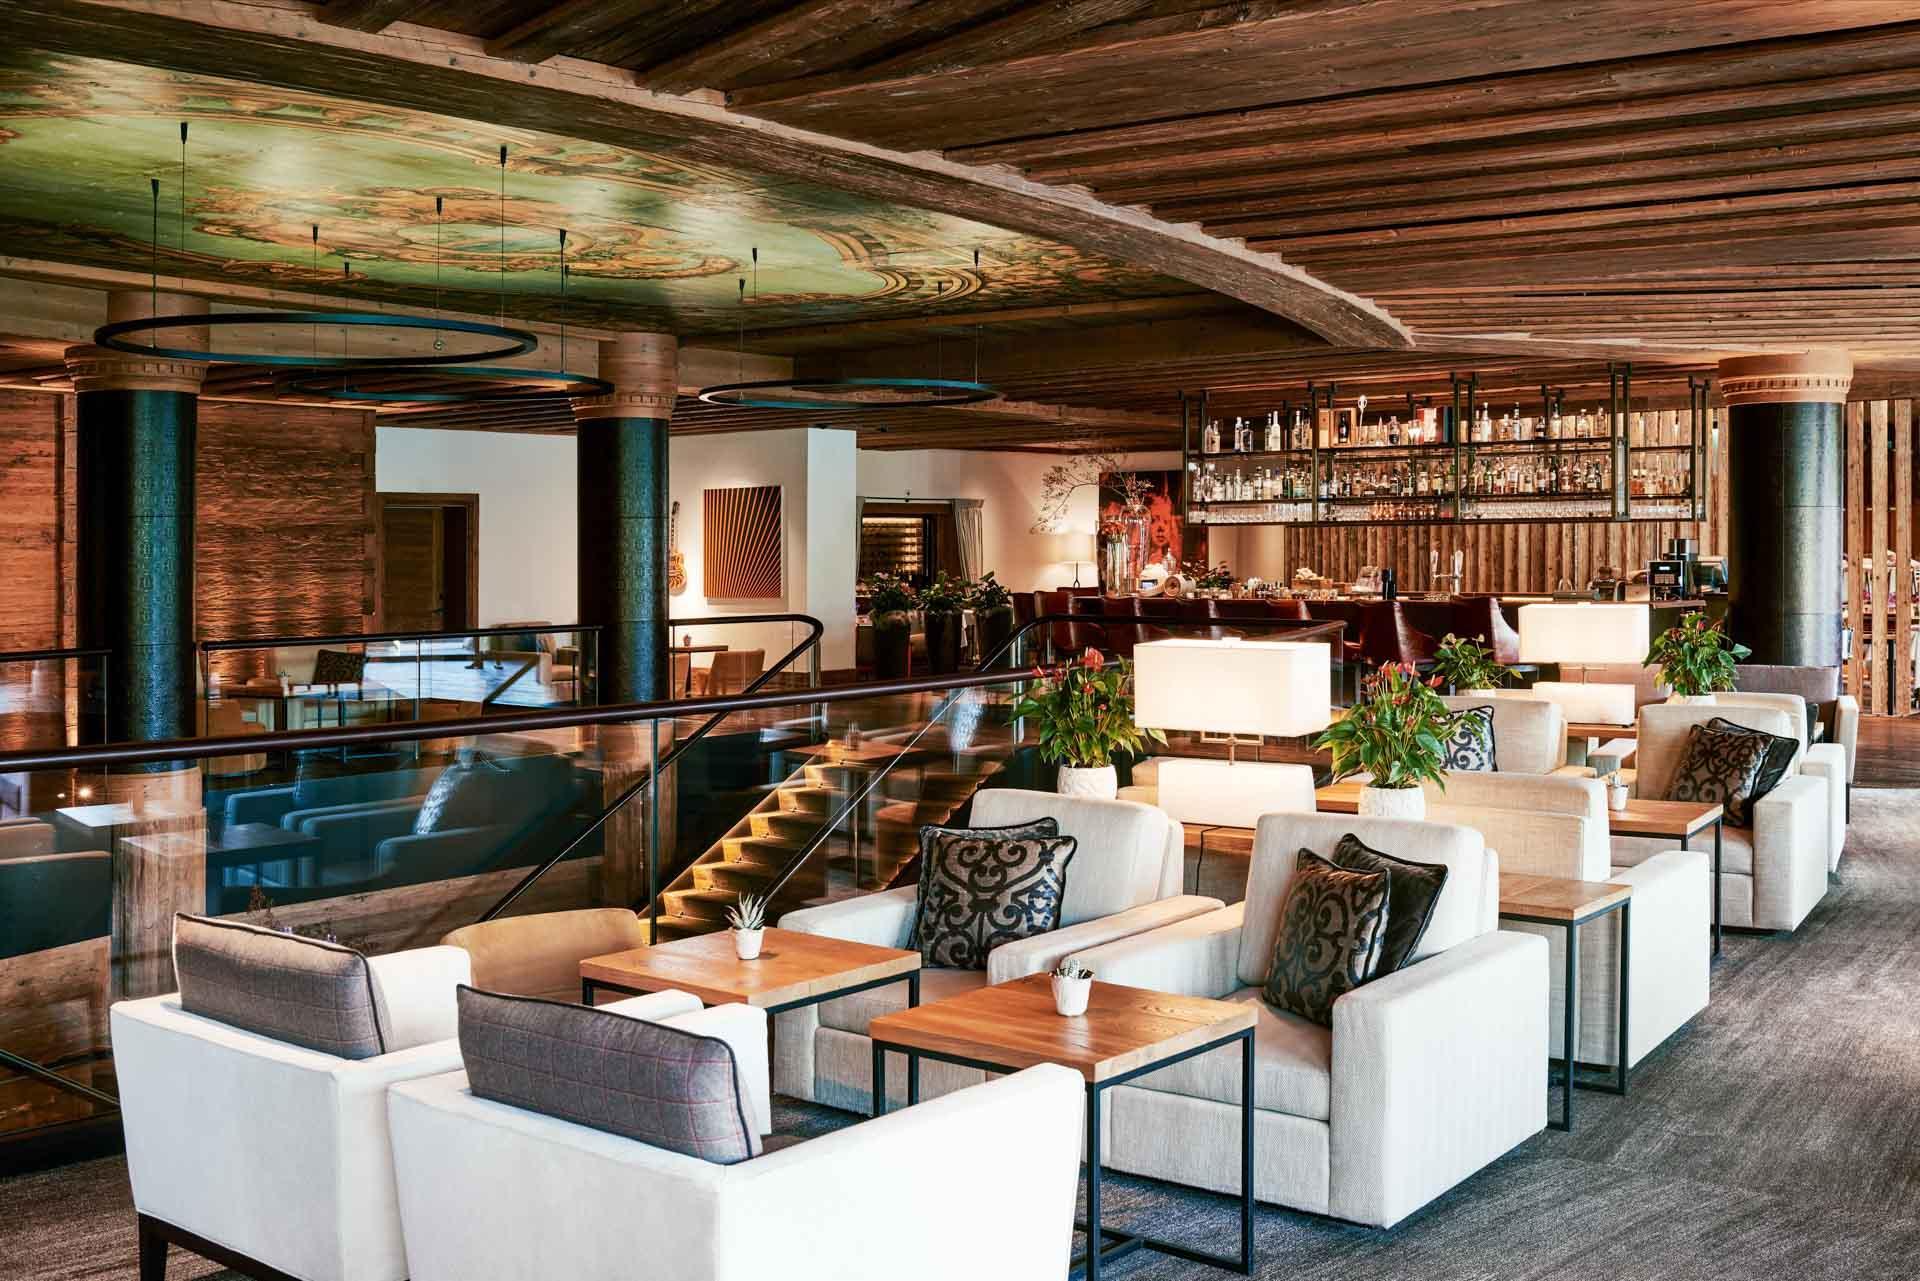 Boire un verre avant le dîner à l'Alpina Lounge & Bar, ouvert sur le jardin par de grandes ouvertures © The Alpina Gstaad